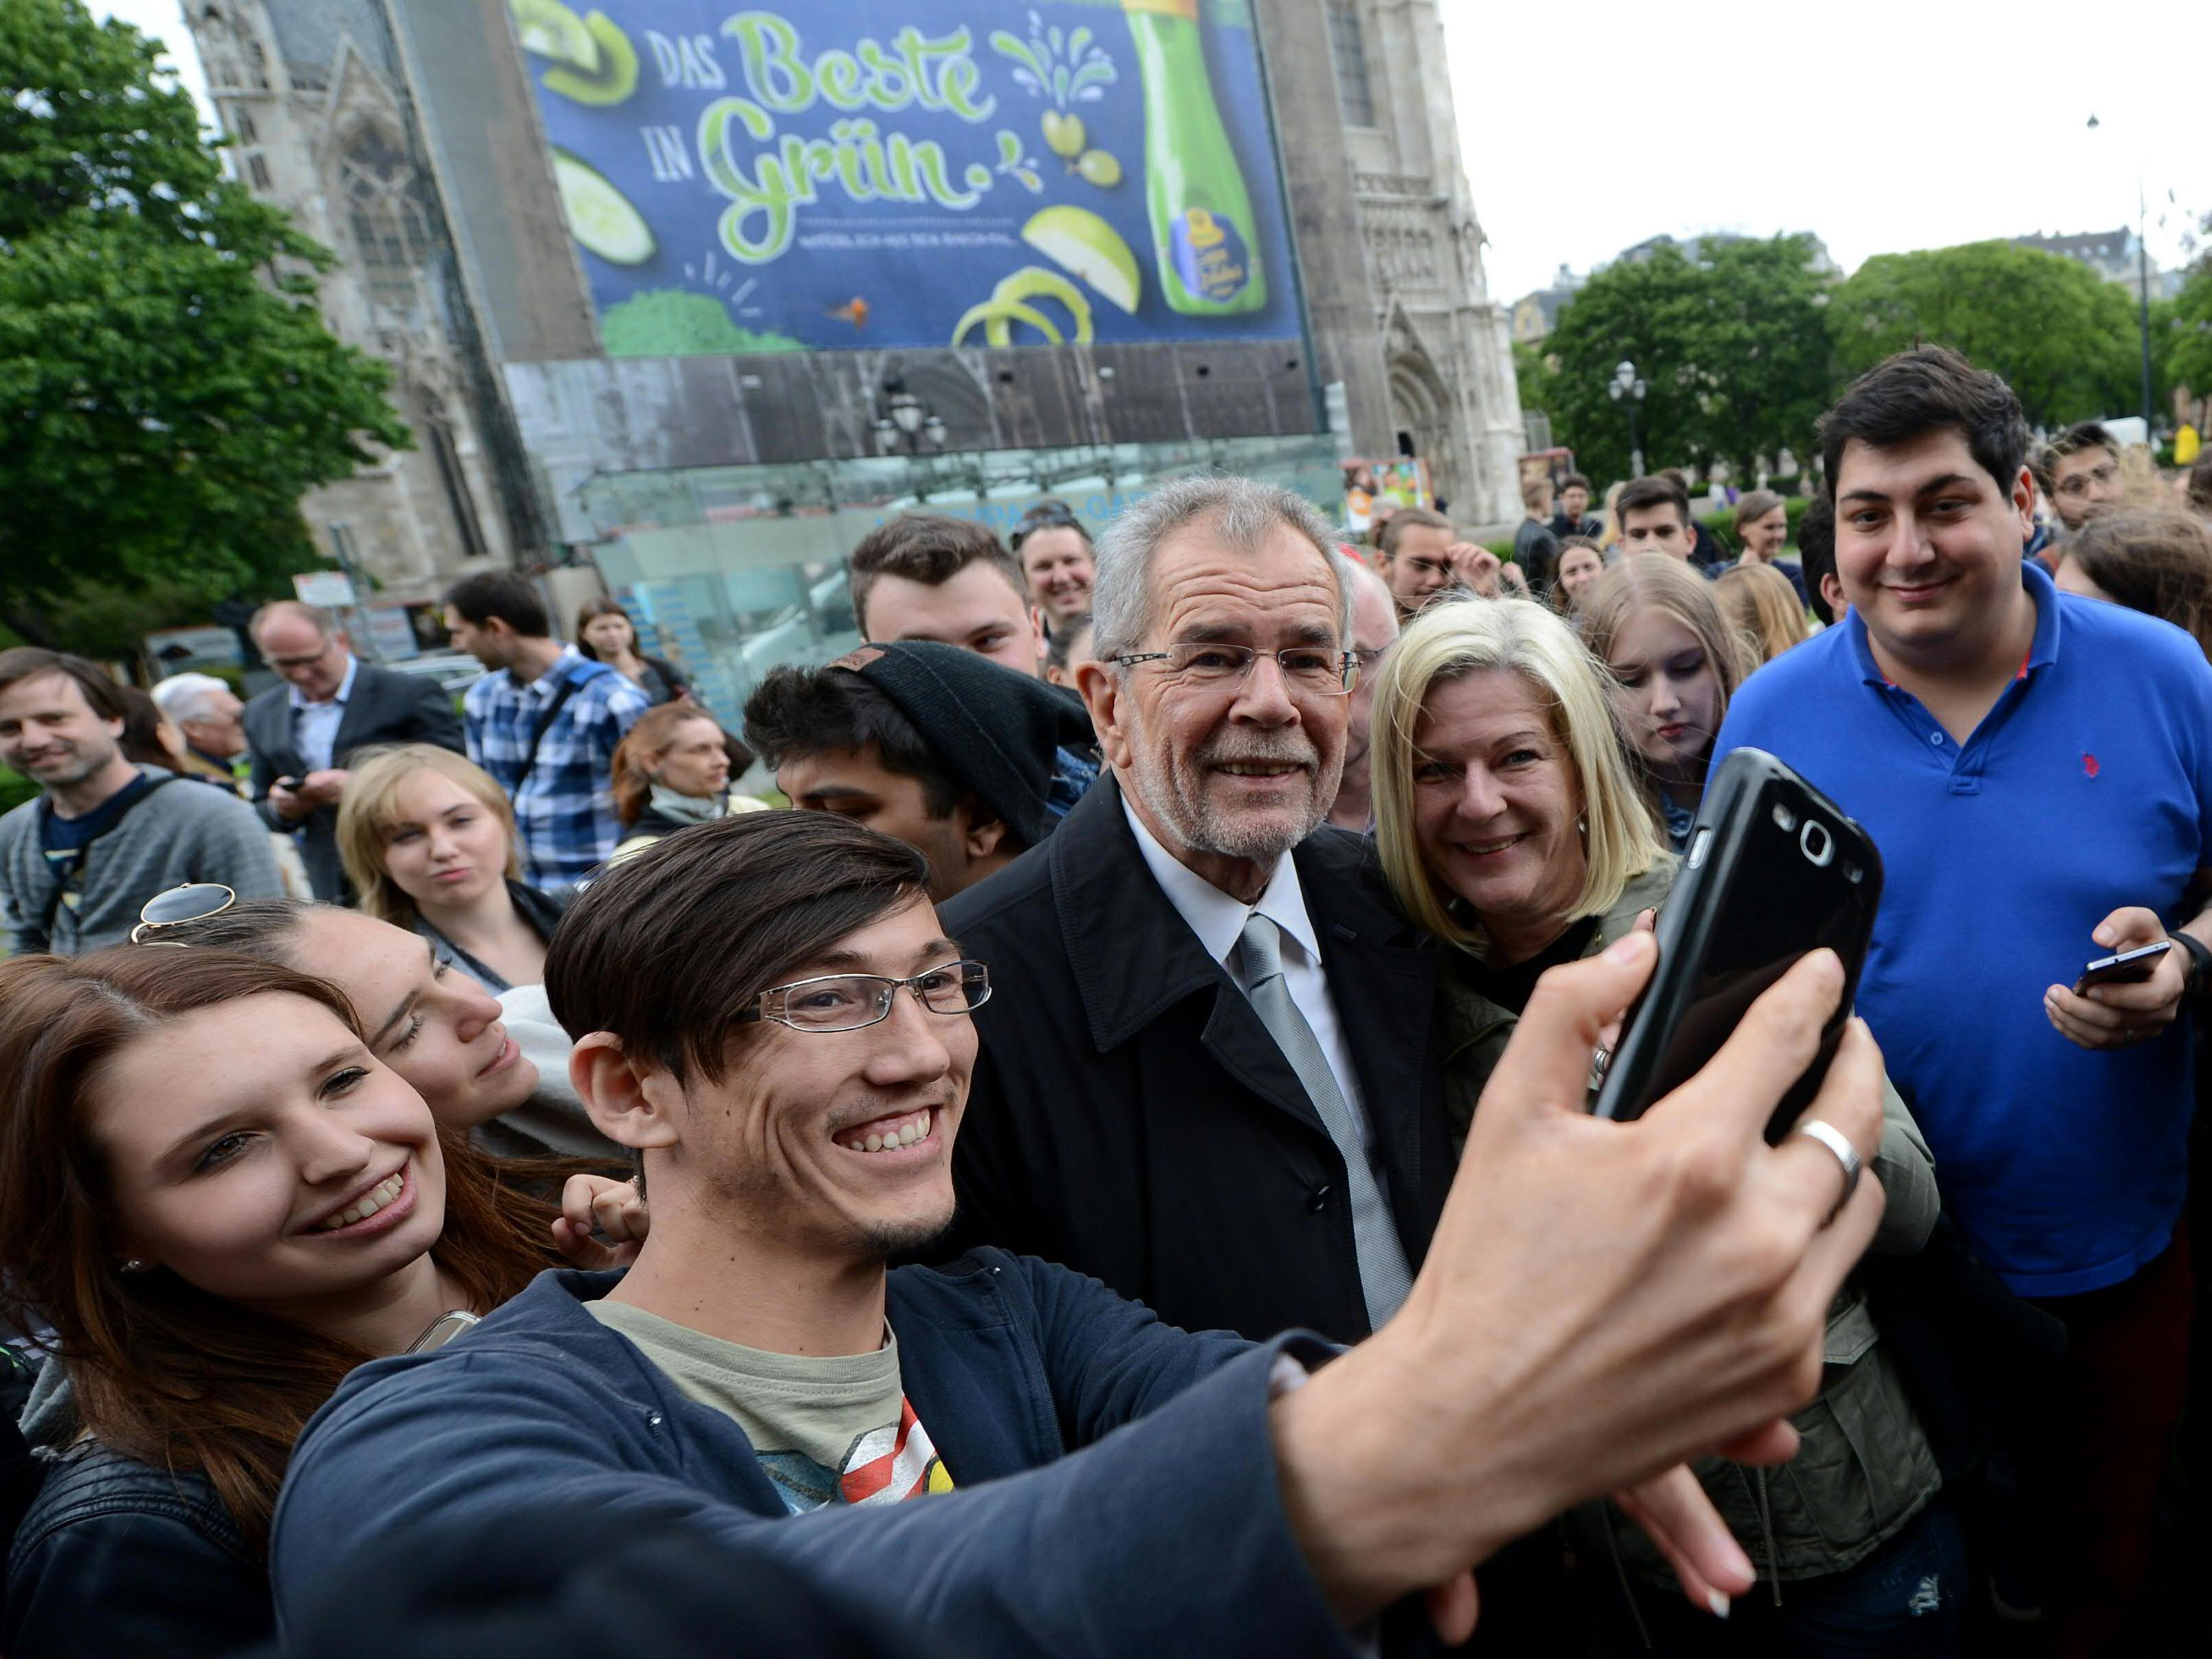 Alexander Van der Bellen als beliebtes Selfie-Motiv.